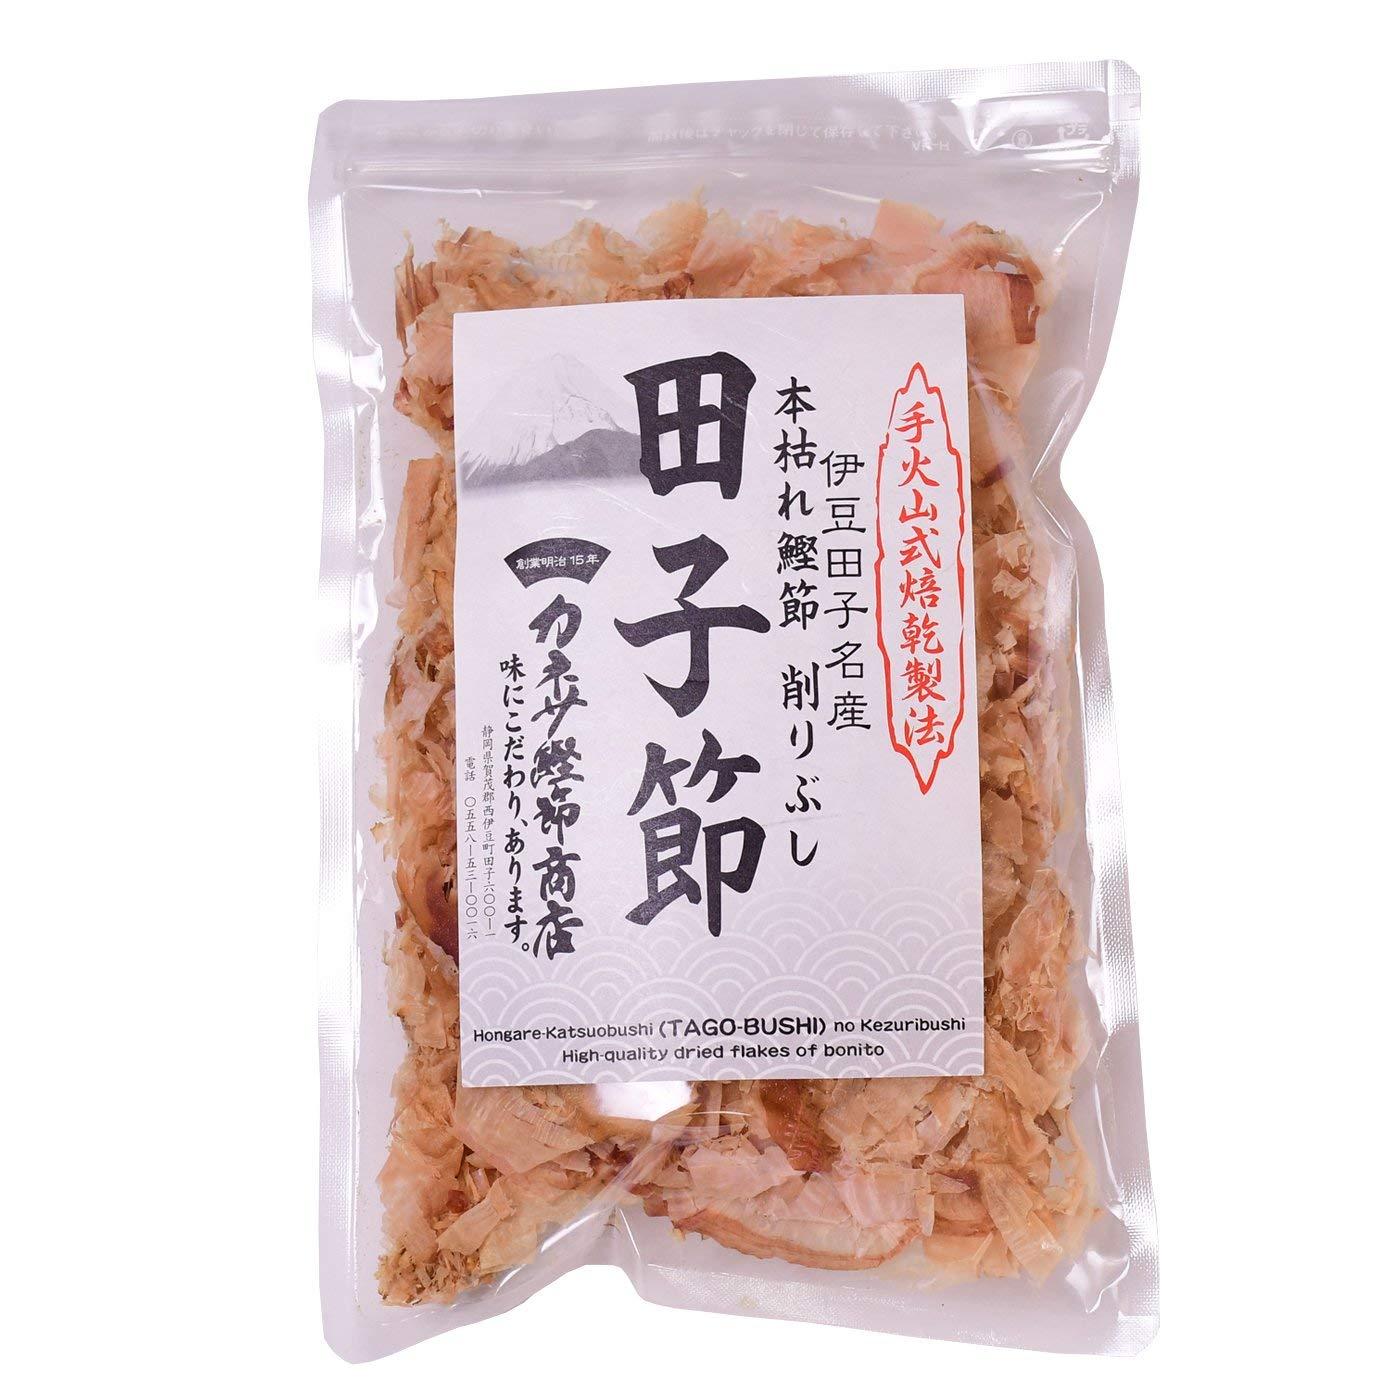 西伊豆 田子 かつおぶし 手火山式焙乾